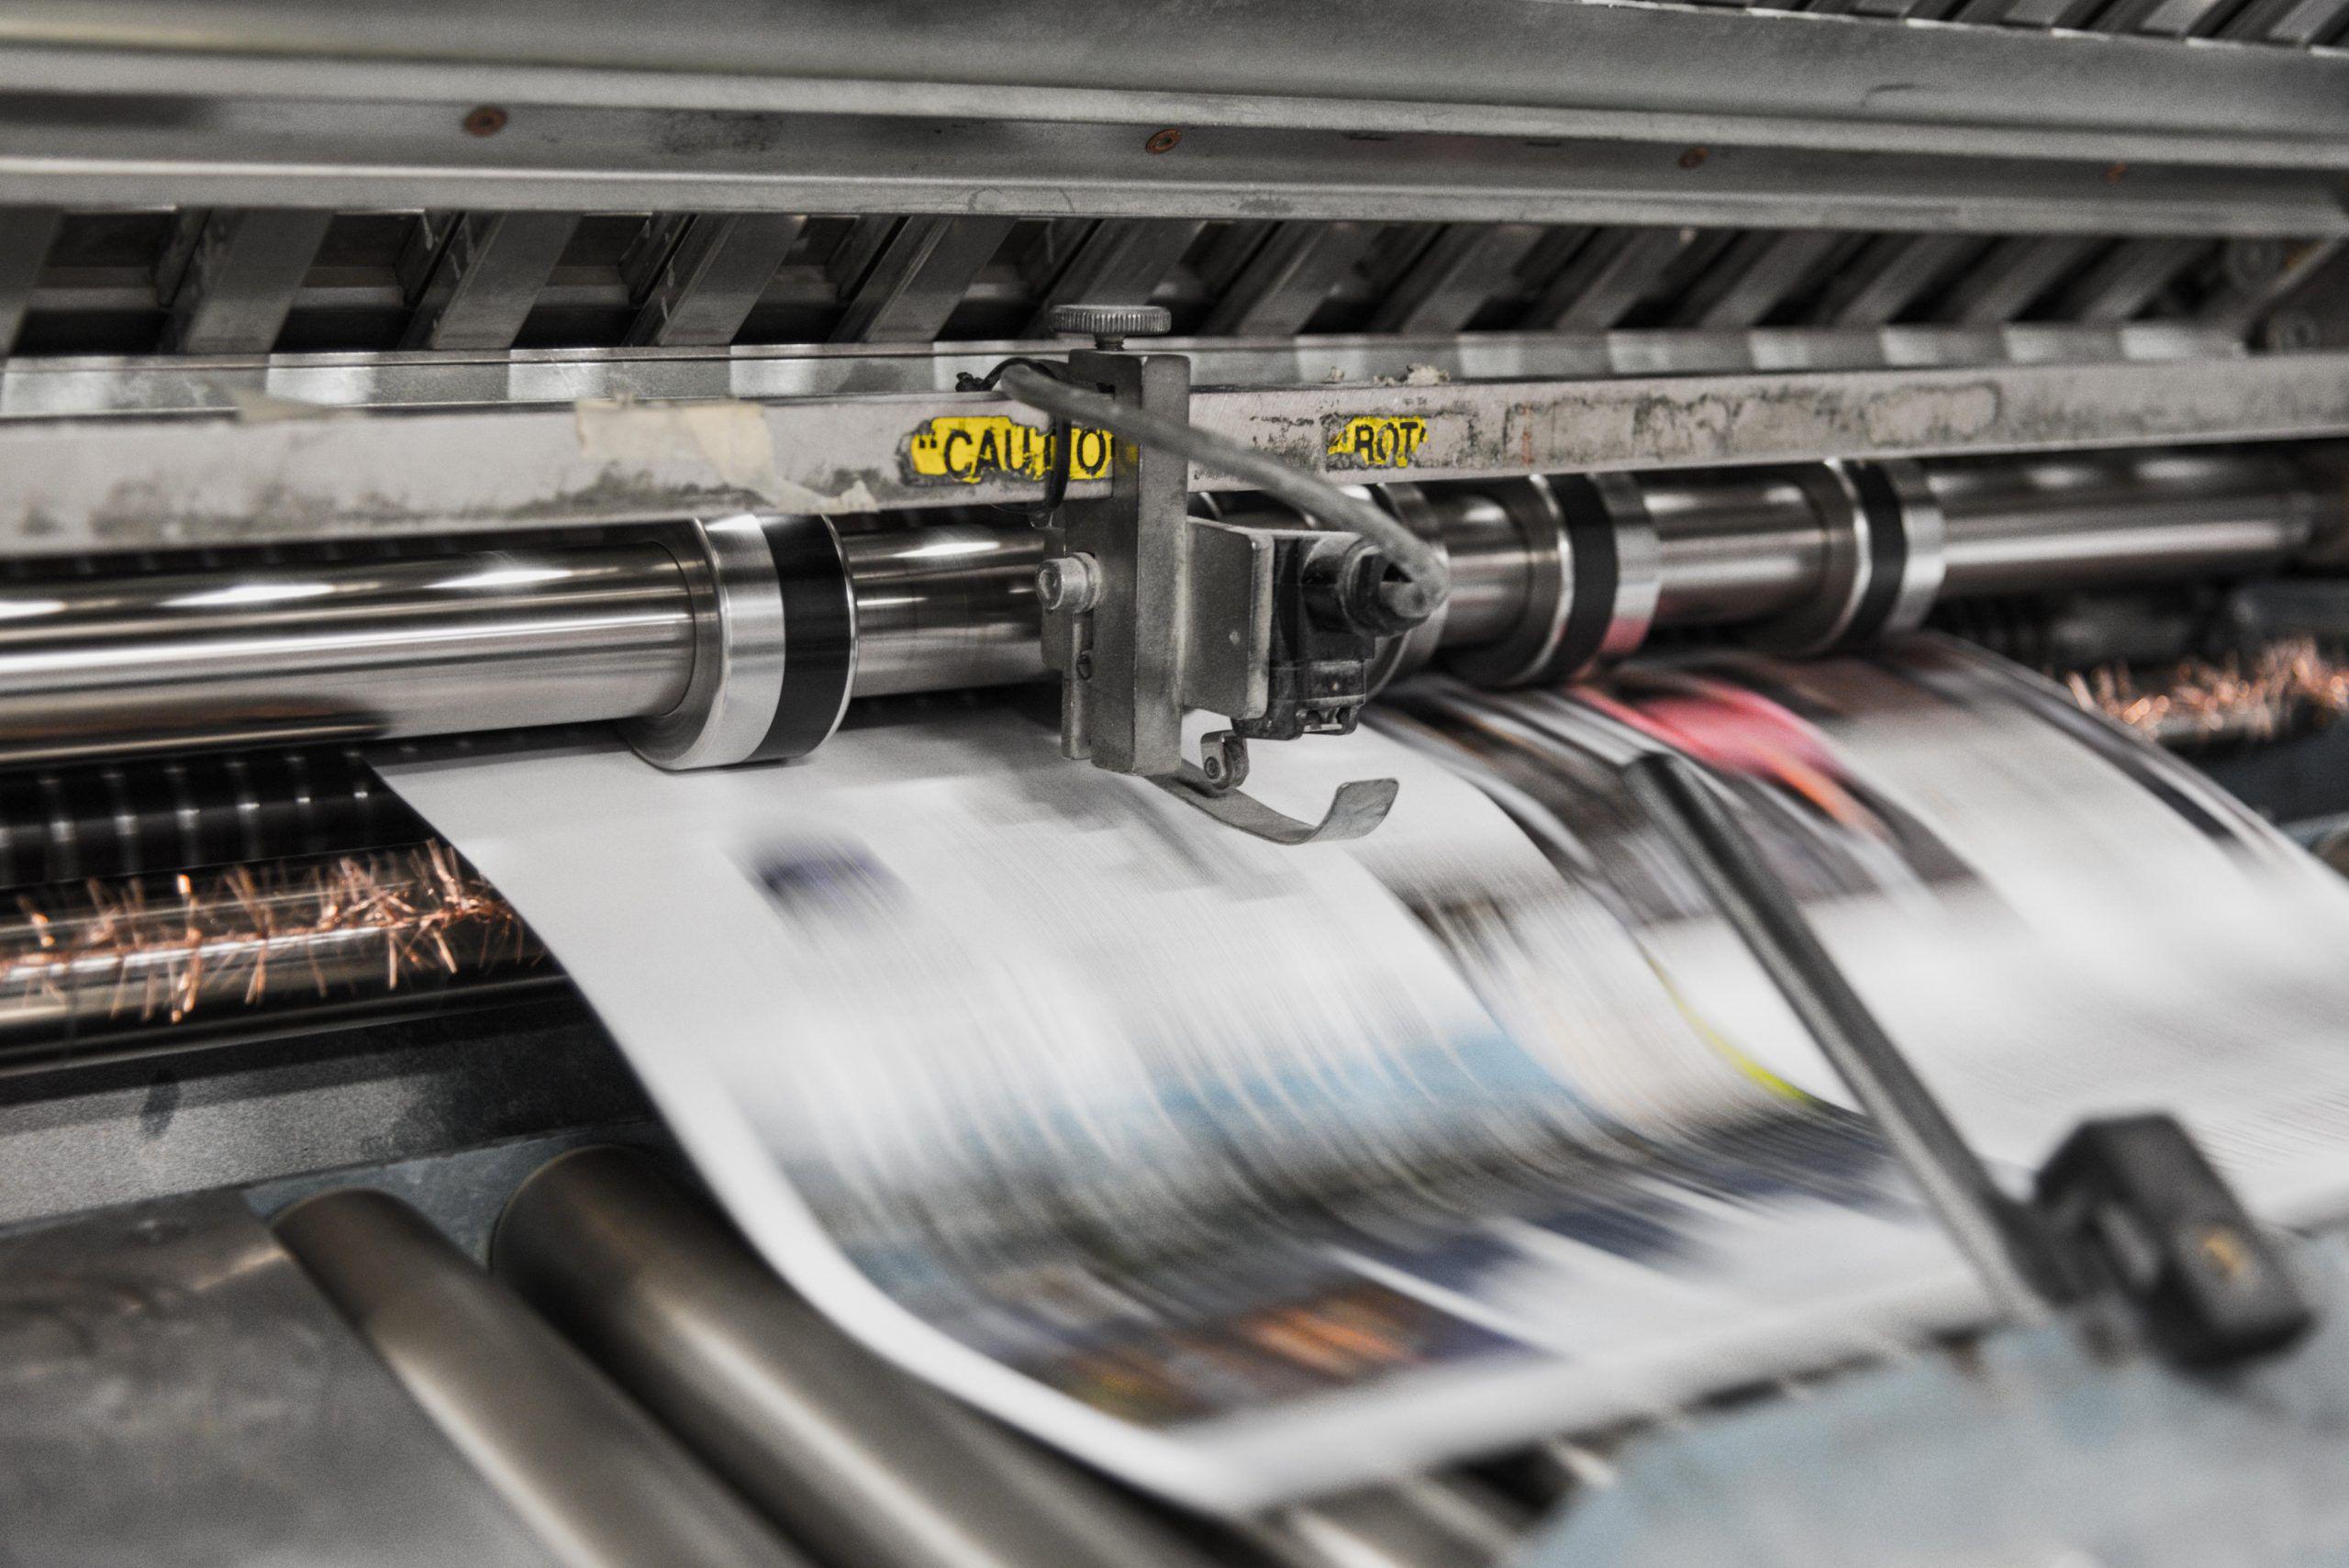 Comissão Europeia dá prémio de 3 000 euros a jornalistas ou estudantes de jornalismo ou comunicação social